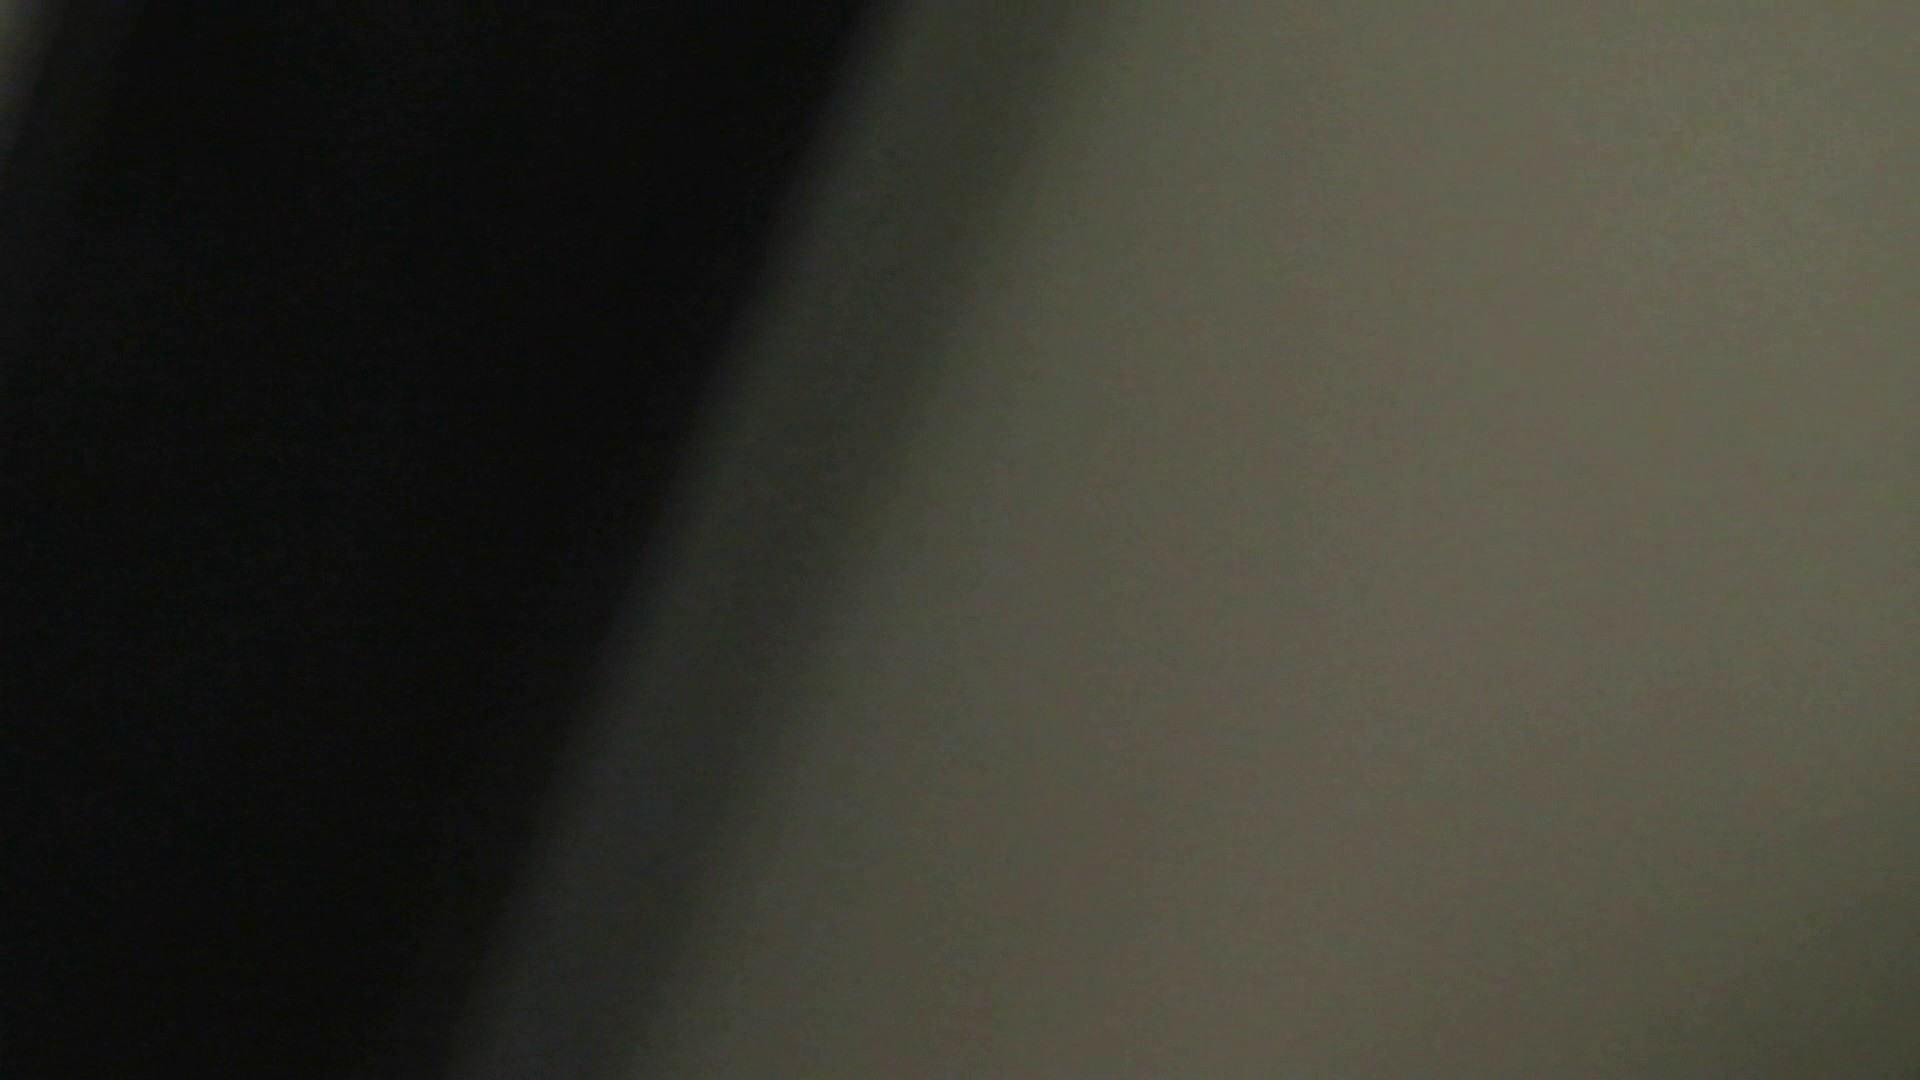 お市さんの「お尻丸出しジャンボリー」No.2 美人編 AV無料 109画像 48